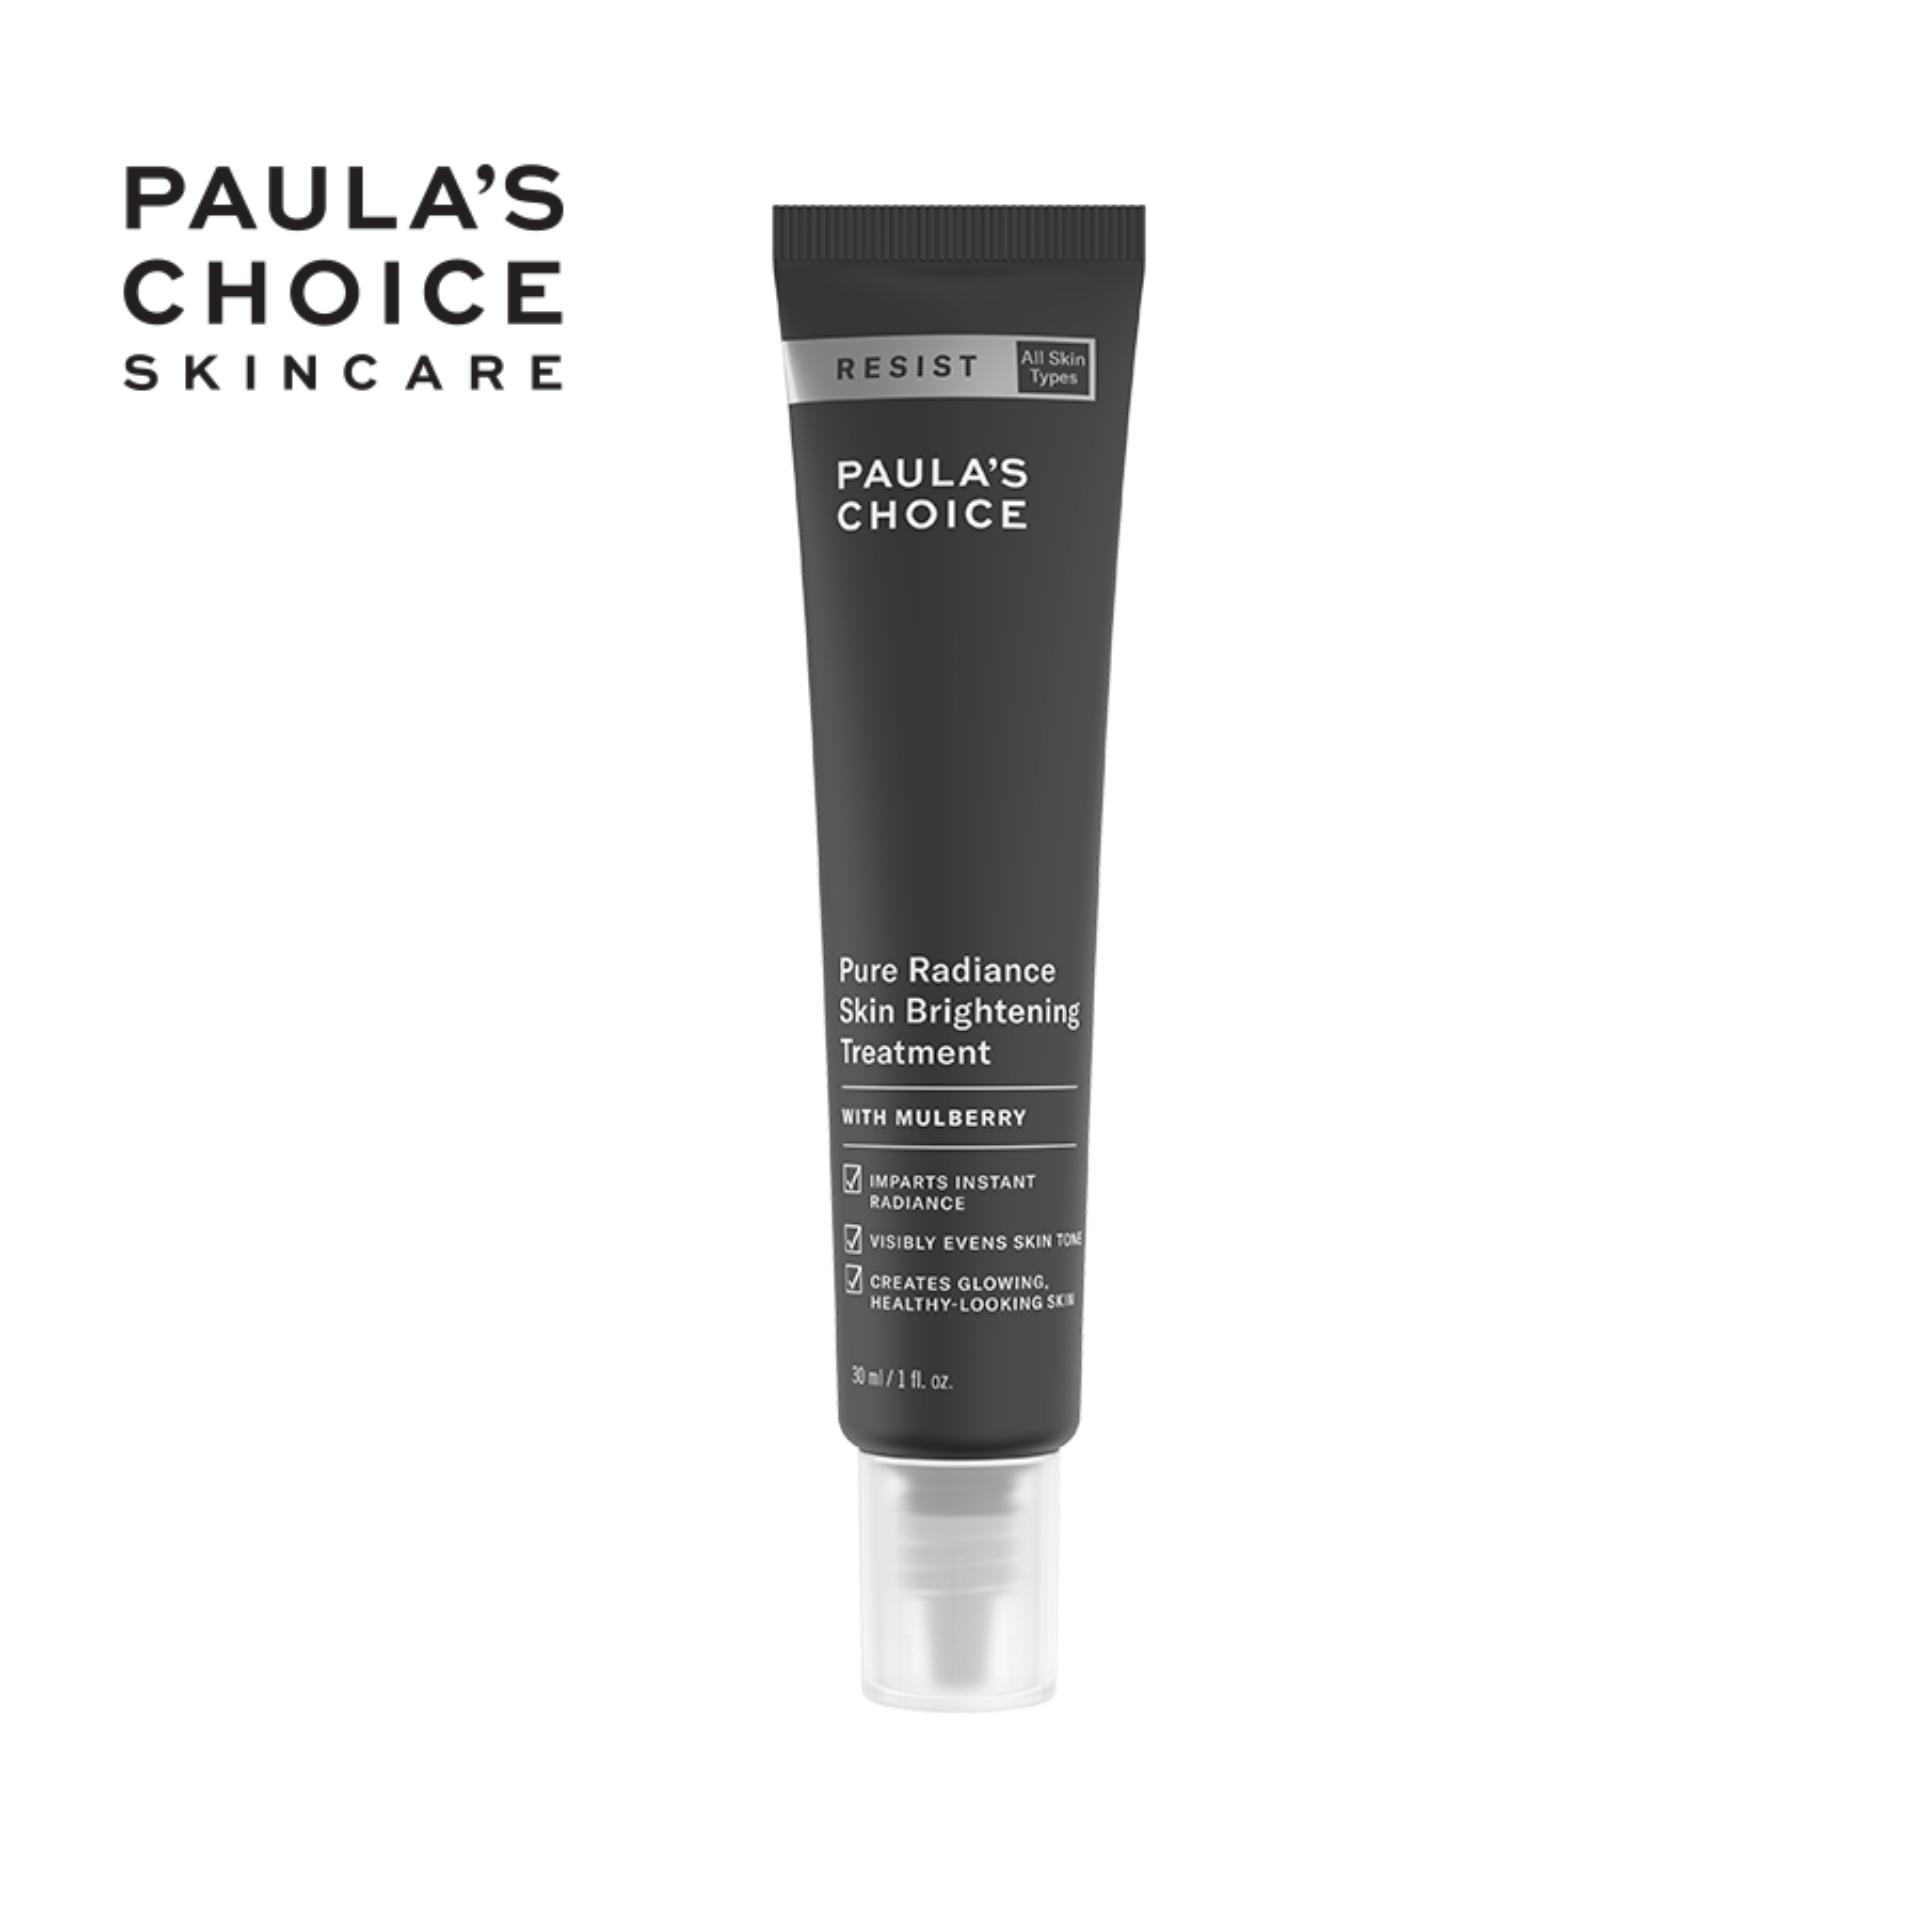 Dung dịch làm sáng da Paula's Choice Resist Pure Radiance Skin Brightening Treatment nhập khẩu